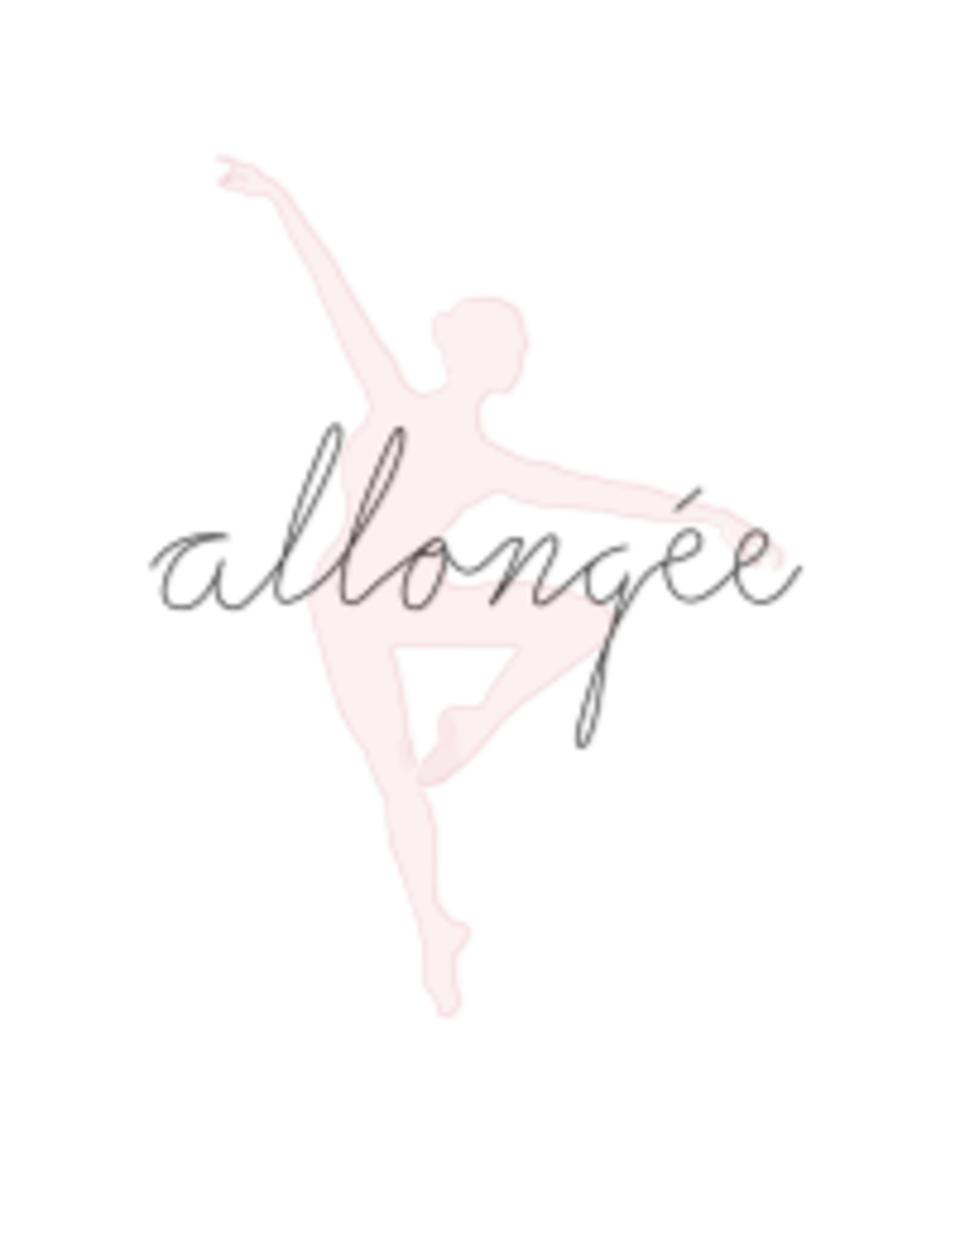 Allongée NYC Pop-Up logo